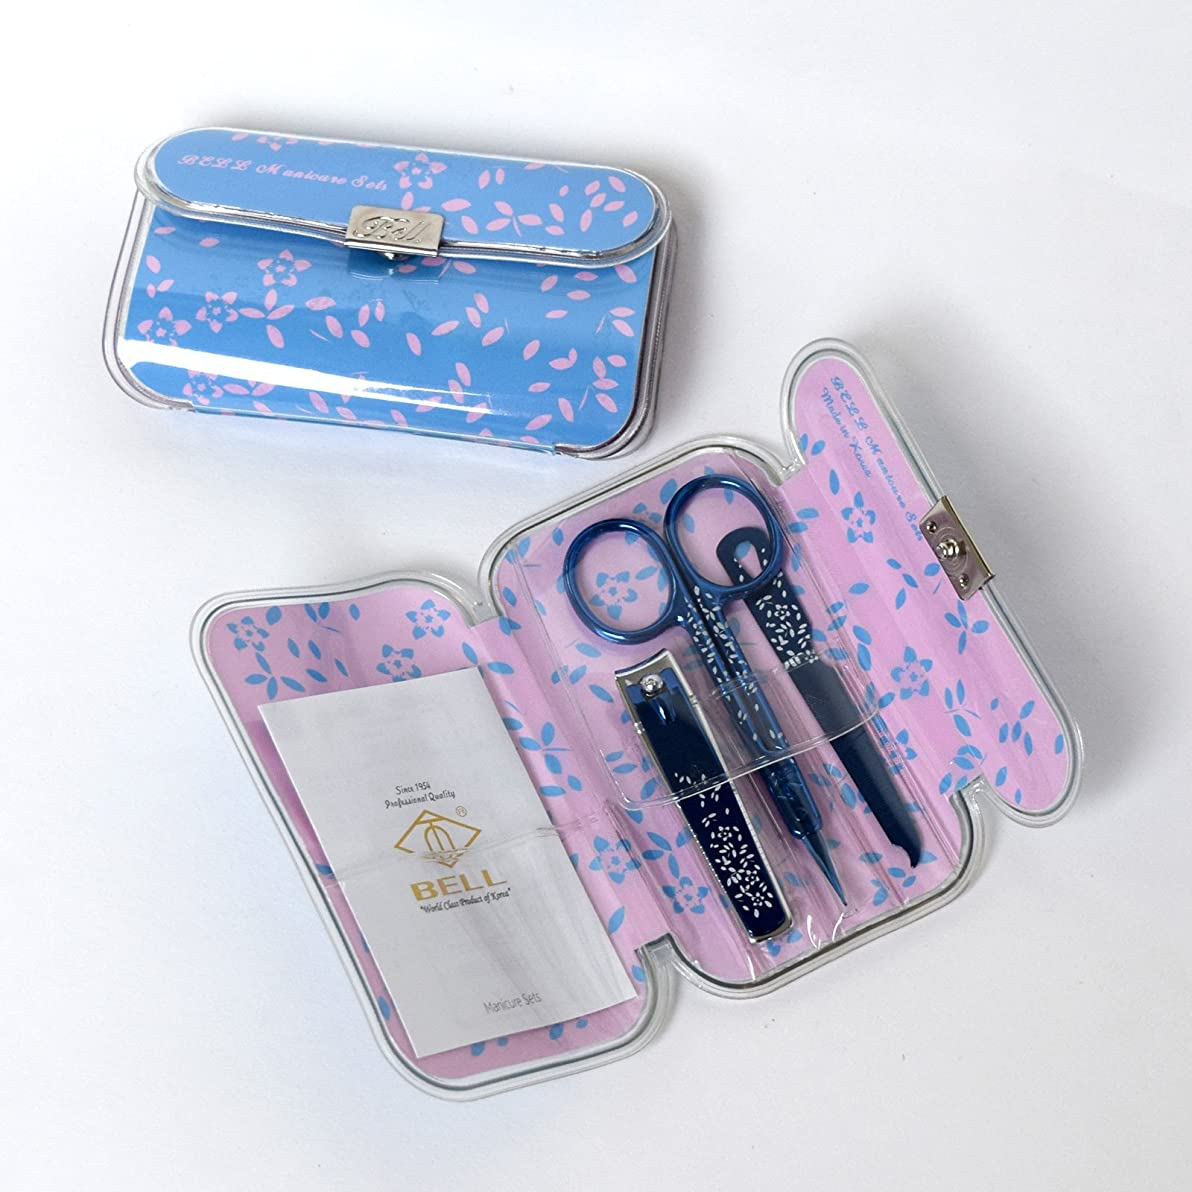 フェロー諸島熟読する明快BELL Manicure Sets BM-330F ポータブル爪の管理セット 爪切りセット 高品質のネイルケアセット高級感のある東洋画のデザイン Portable Nail Clippers Nail Care Set